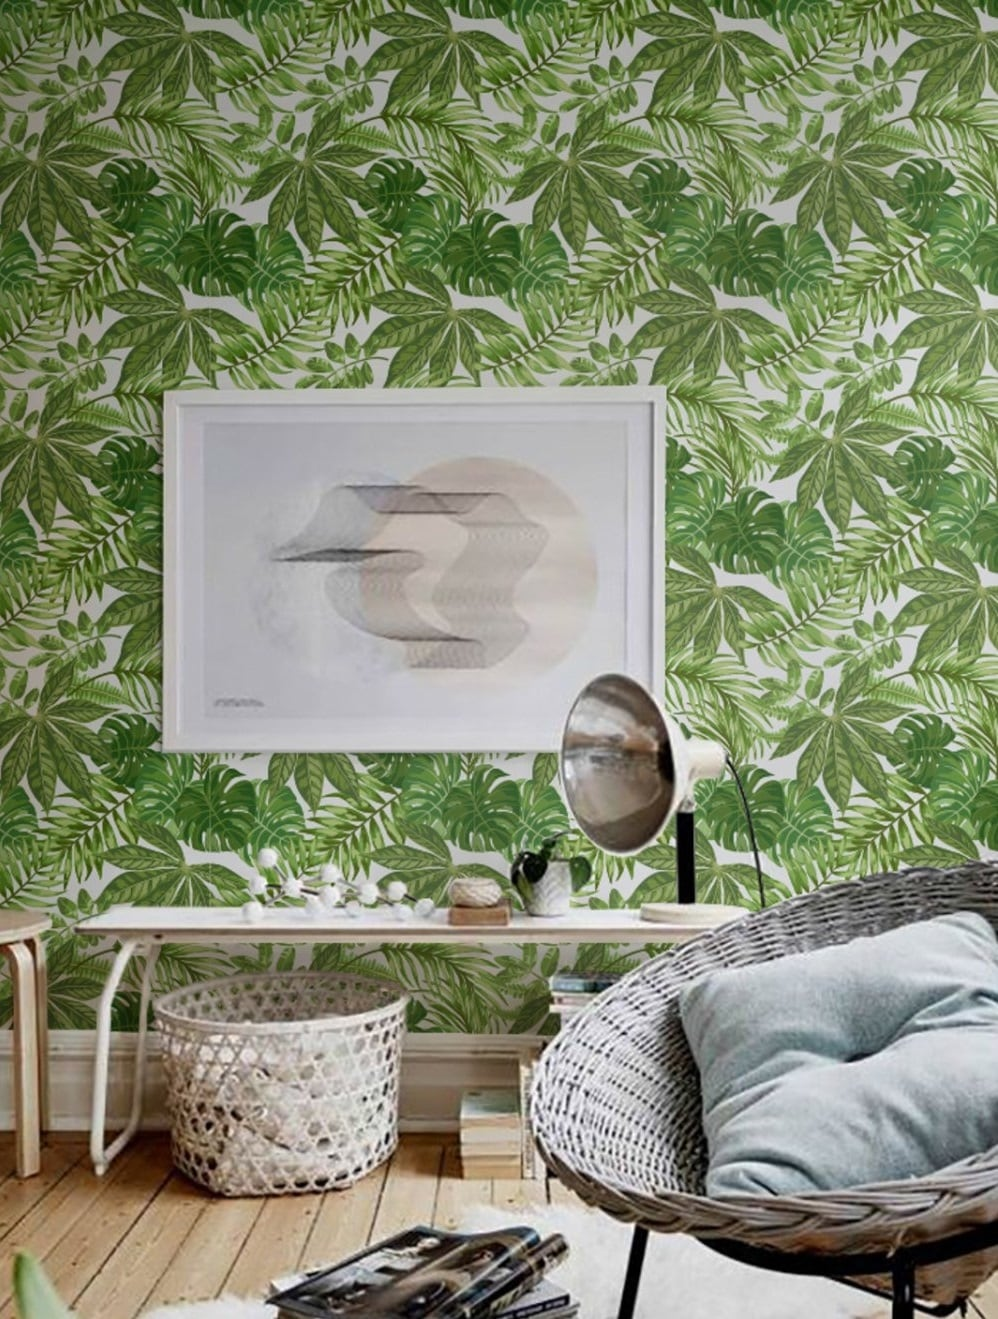 Aralia design wallpaper for a unique interior